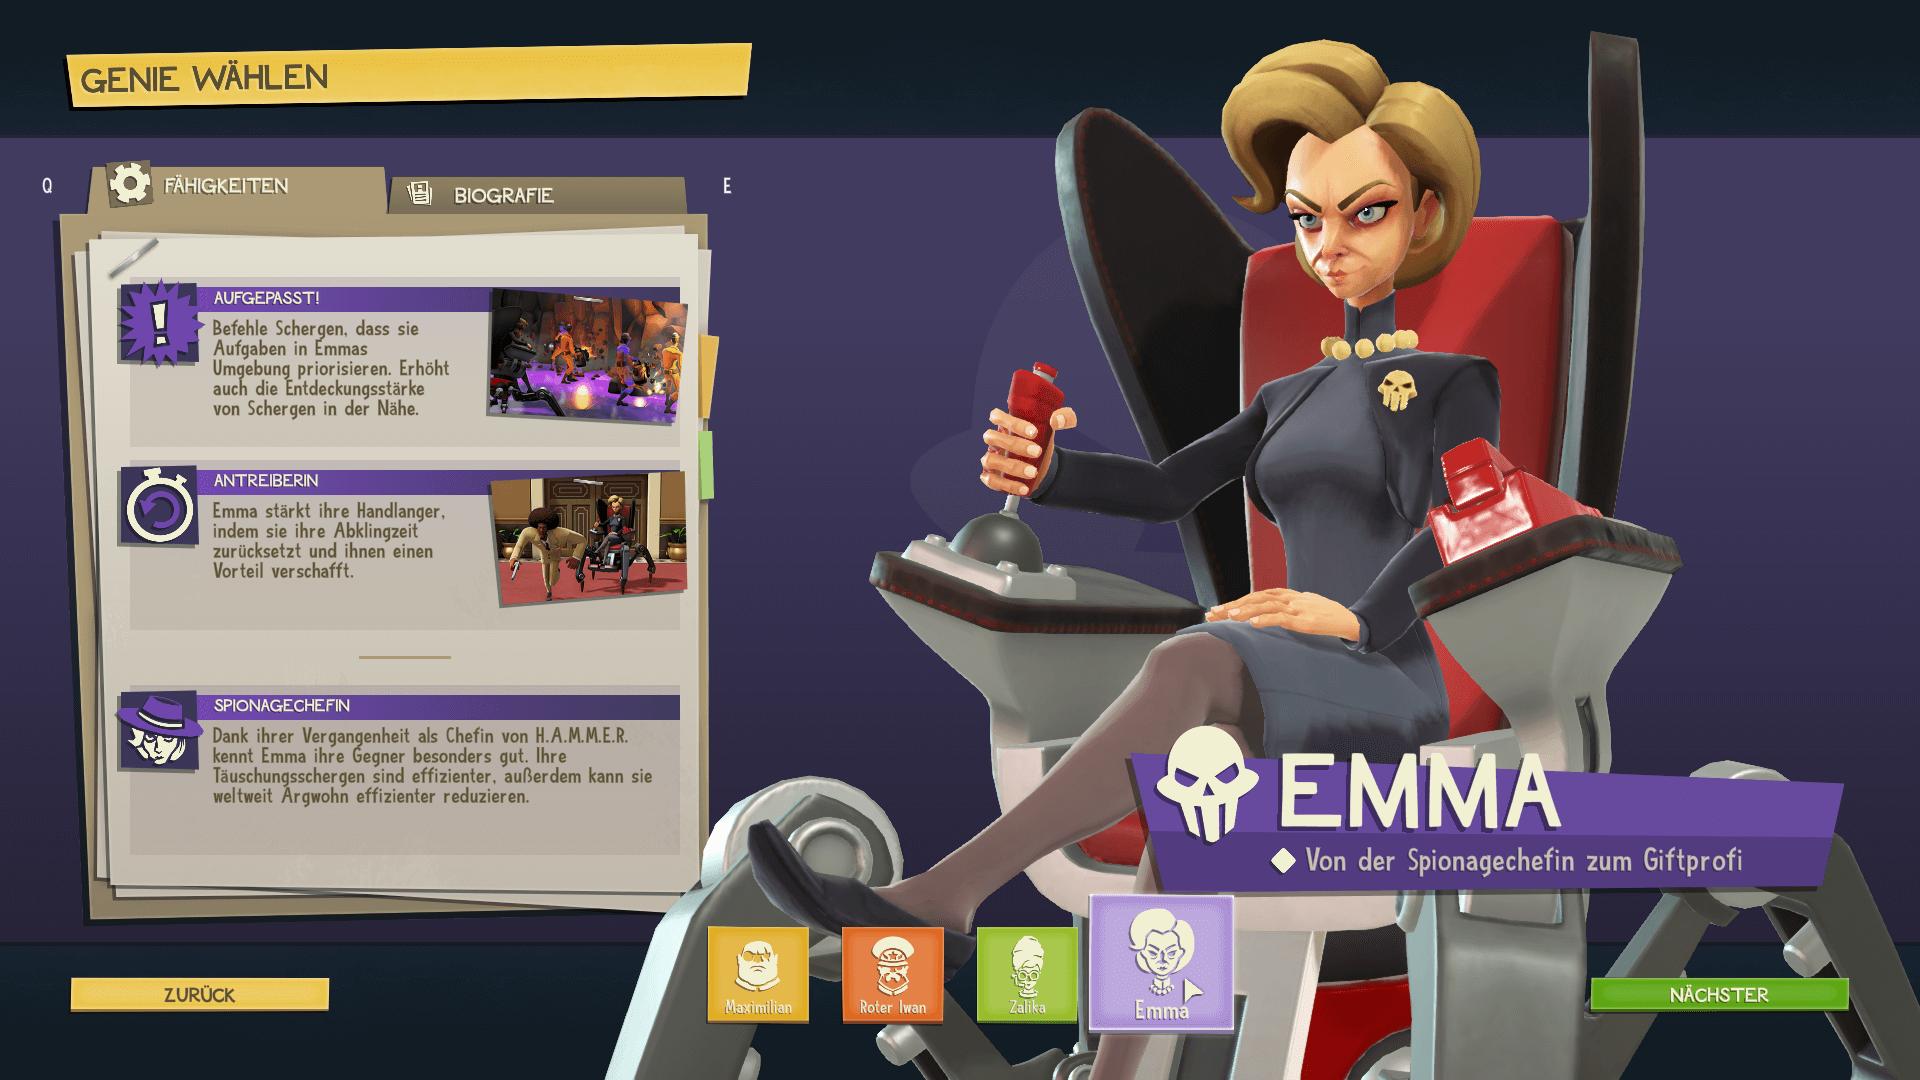 Evil Genius Emma